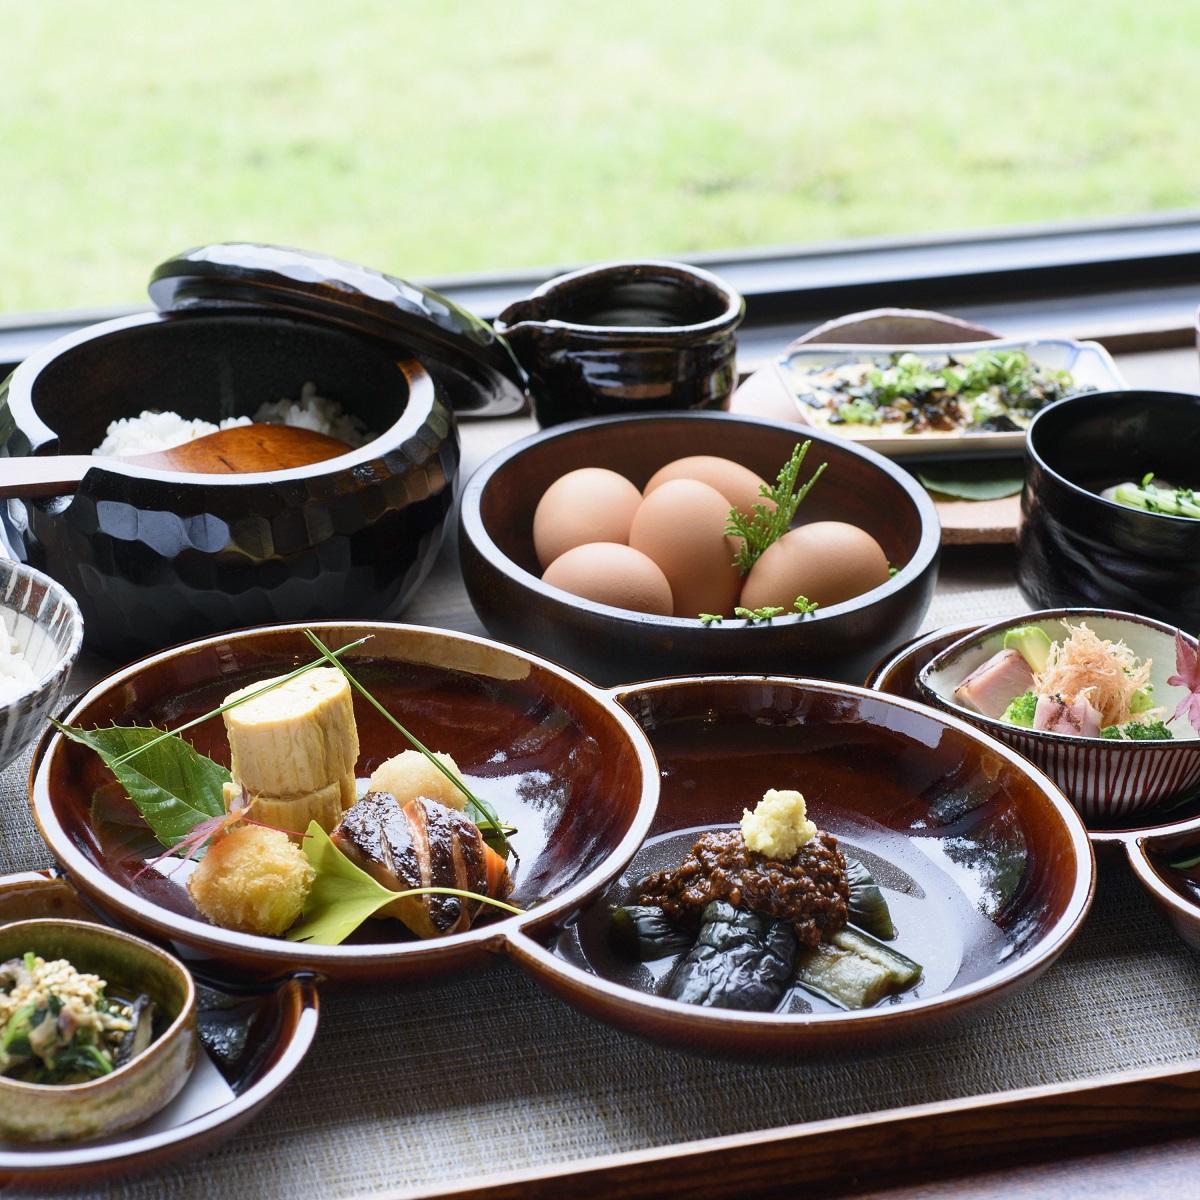 ご朝食 一例 富士五湖をイメージした器を使用してます